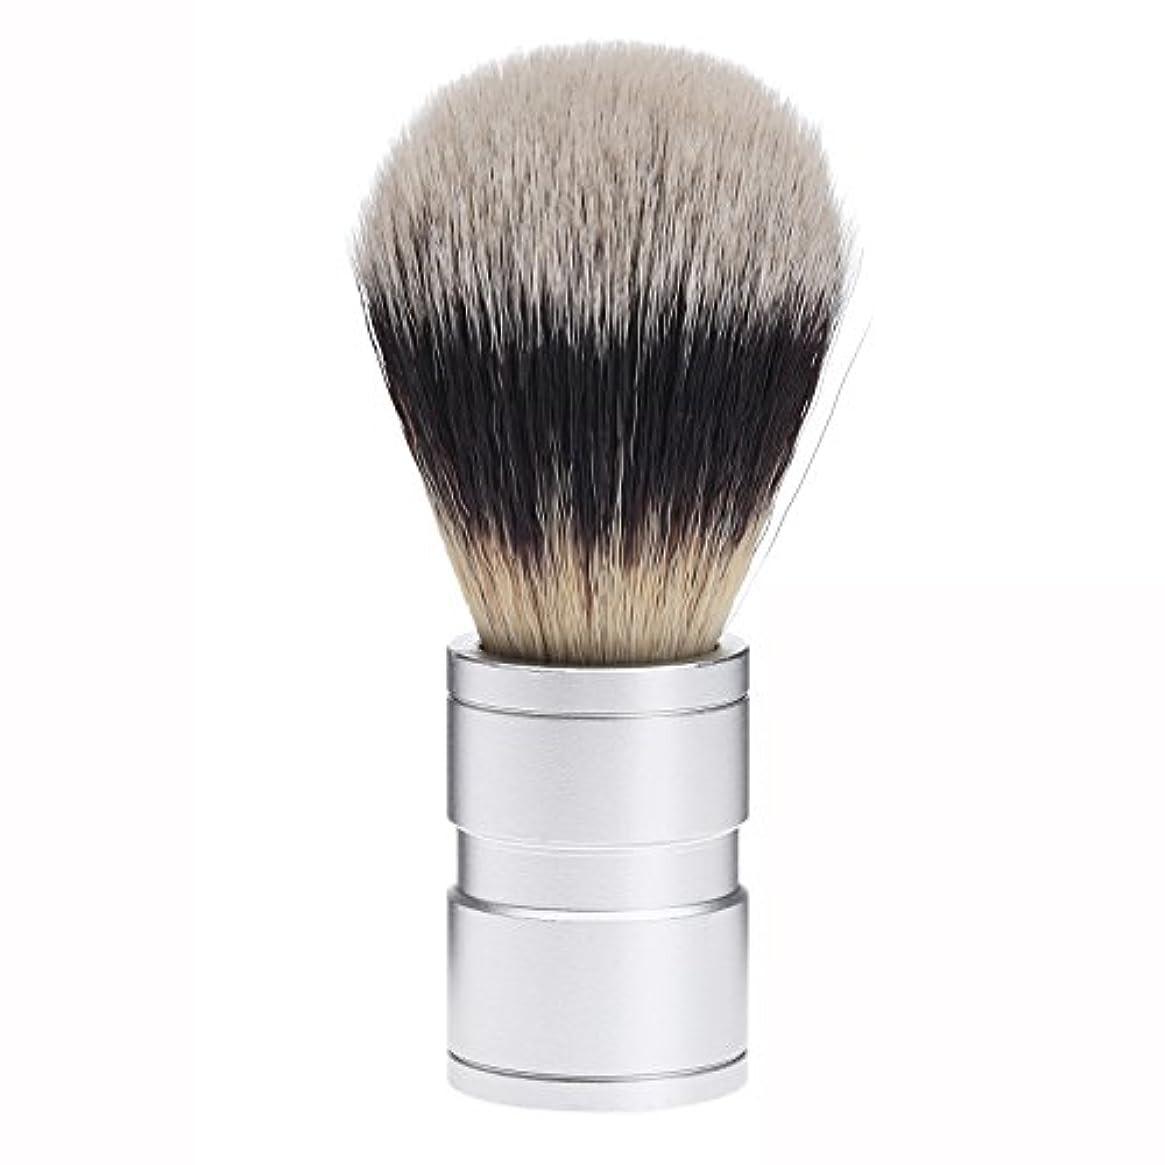 カビ旋回故意のDophee  シェービング用ブラシ シェービングブラシ メンズ 洗顔ブラシ イミテーションアナグマ毛 ファイン模倣 理容 洗顔 髭剃り